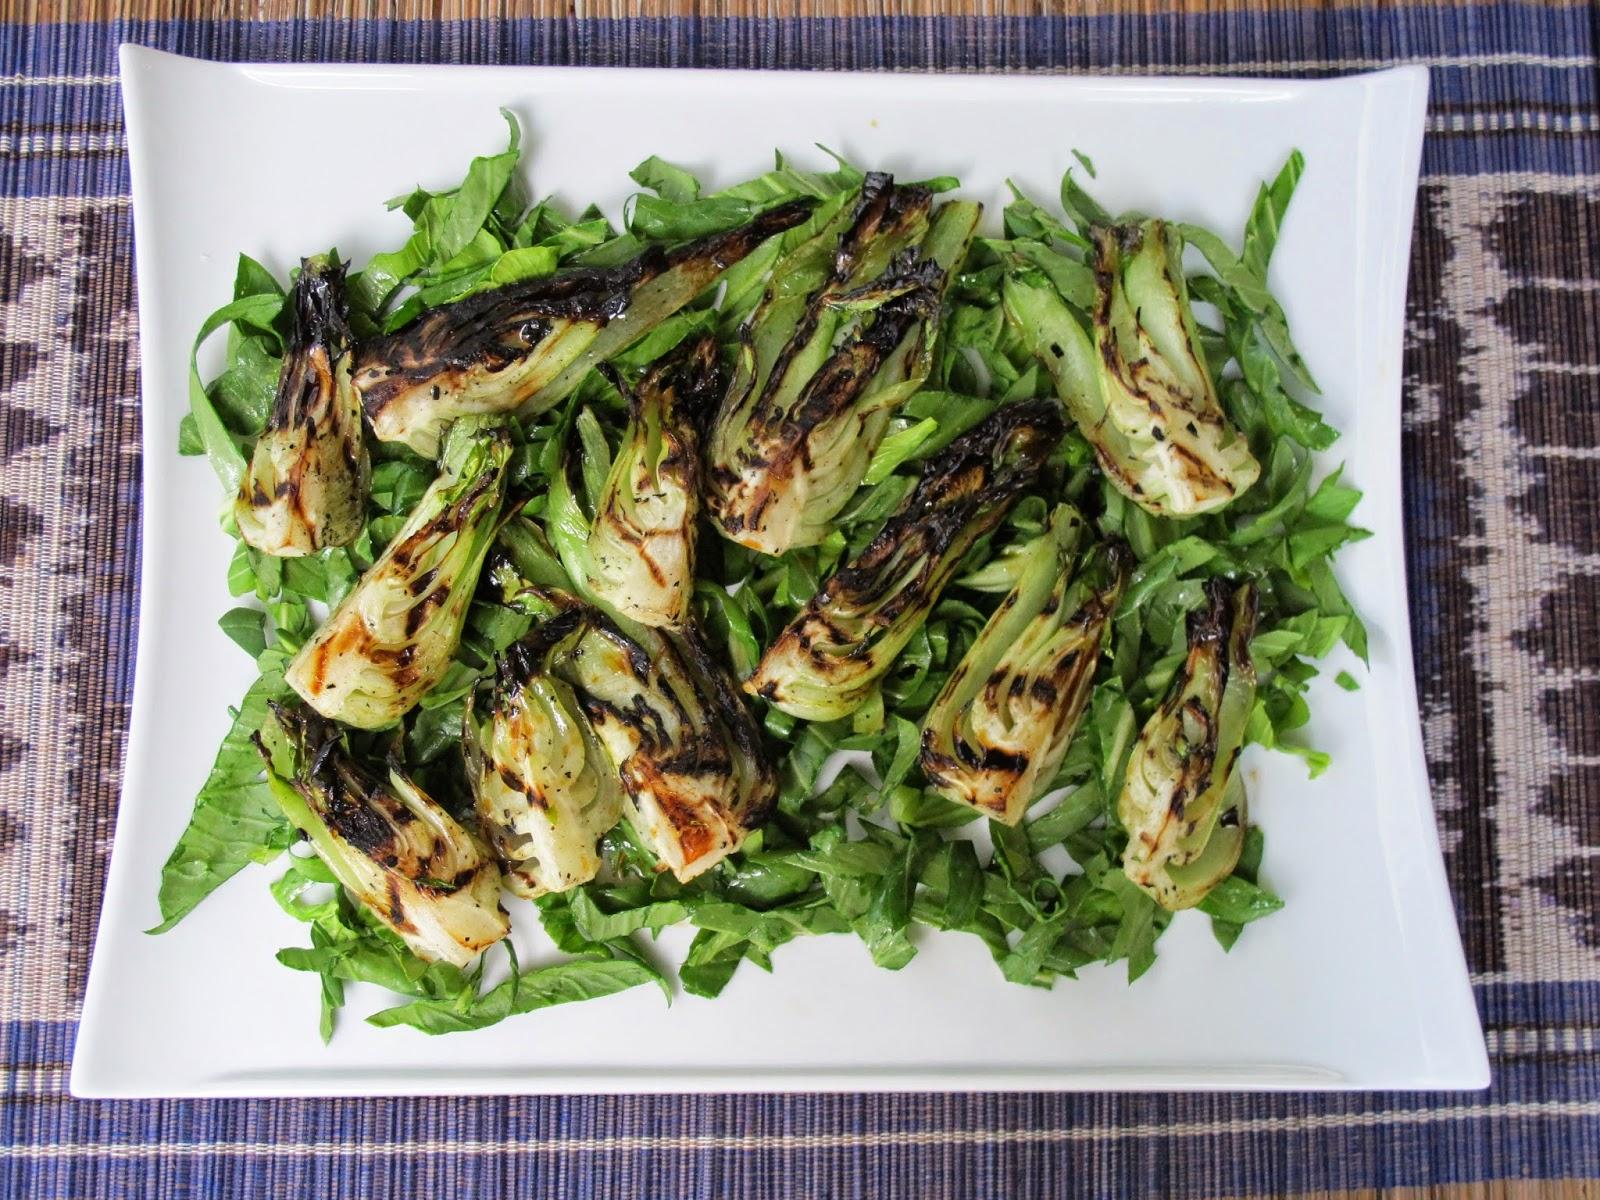 Grilled Sesame Soy Bok Choy Salad